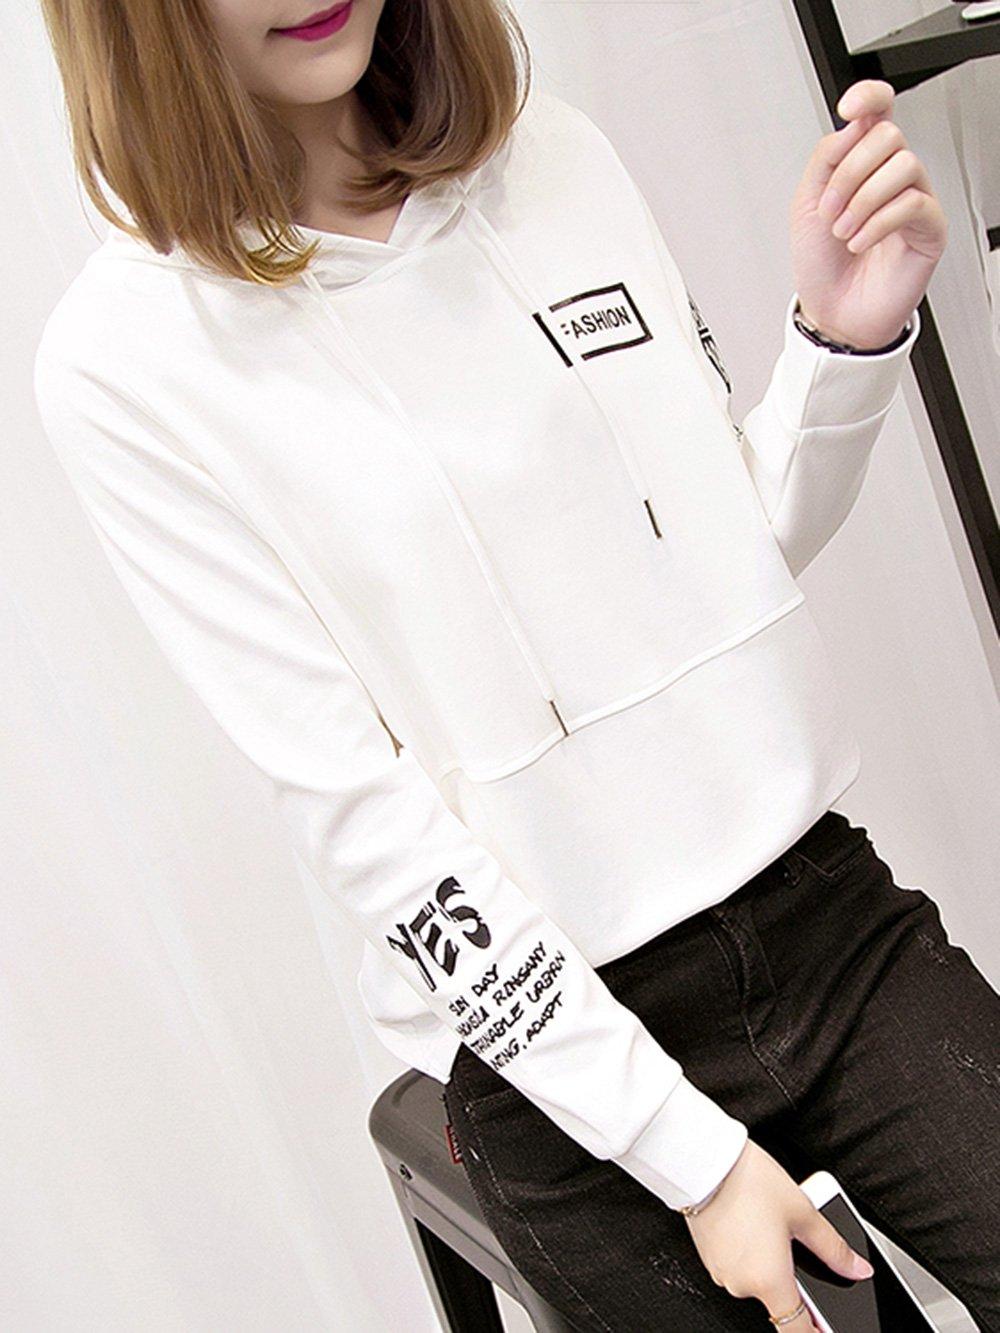 【広州仕入れ】フード付きルーズプリントセーター